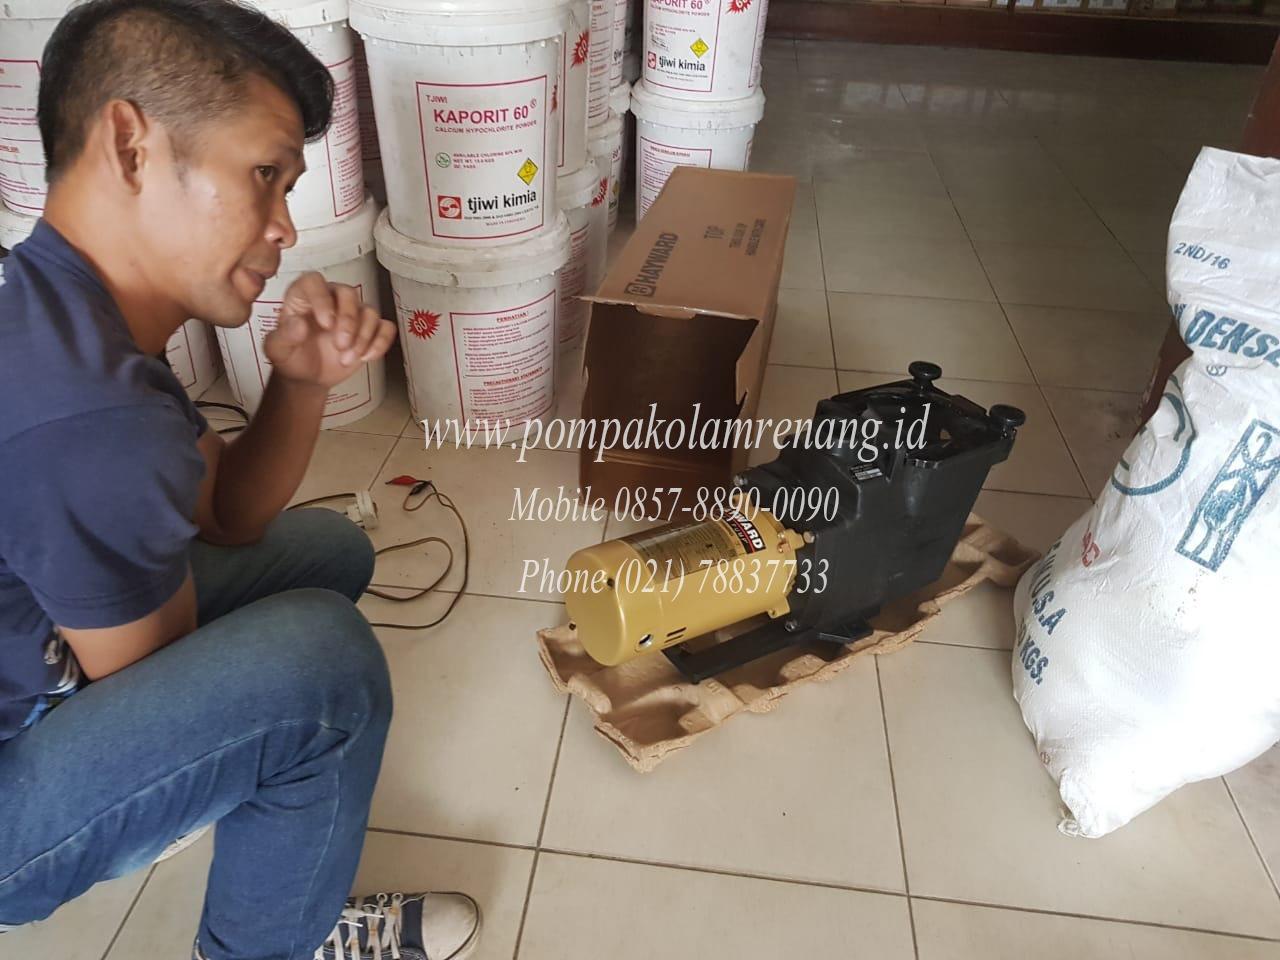 Jual Pompa Kolam Renang Bogor Berstandar Indonesia